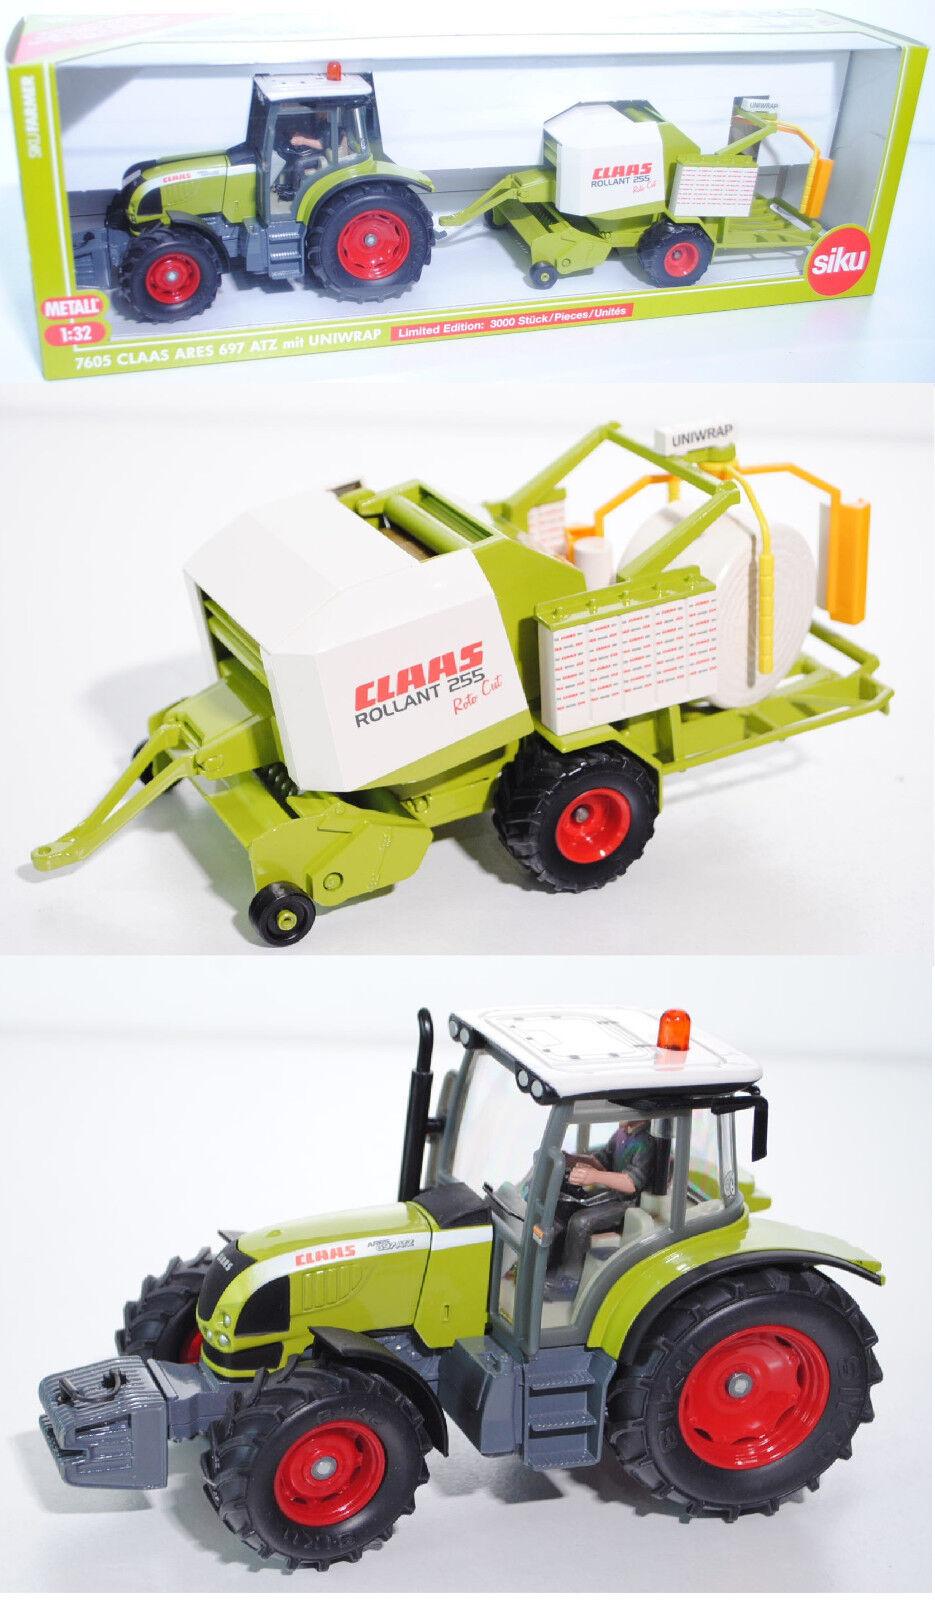 Siku Farmer 7605 Claas Ares 697 697 697 ATZ & Claas Rollant 255 UNIWRAP 1 32 Werbemodell 85a64b